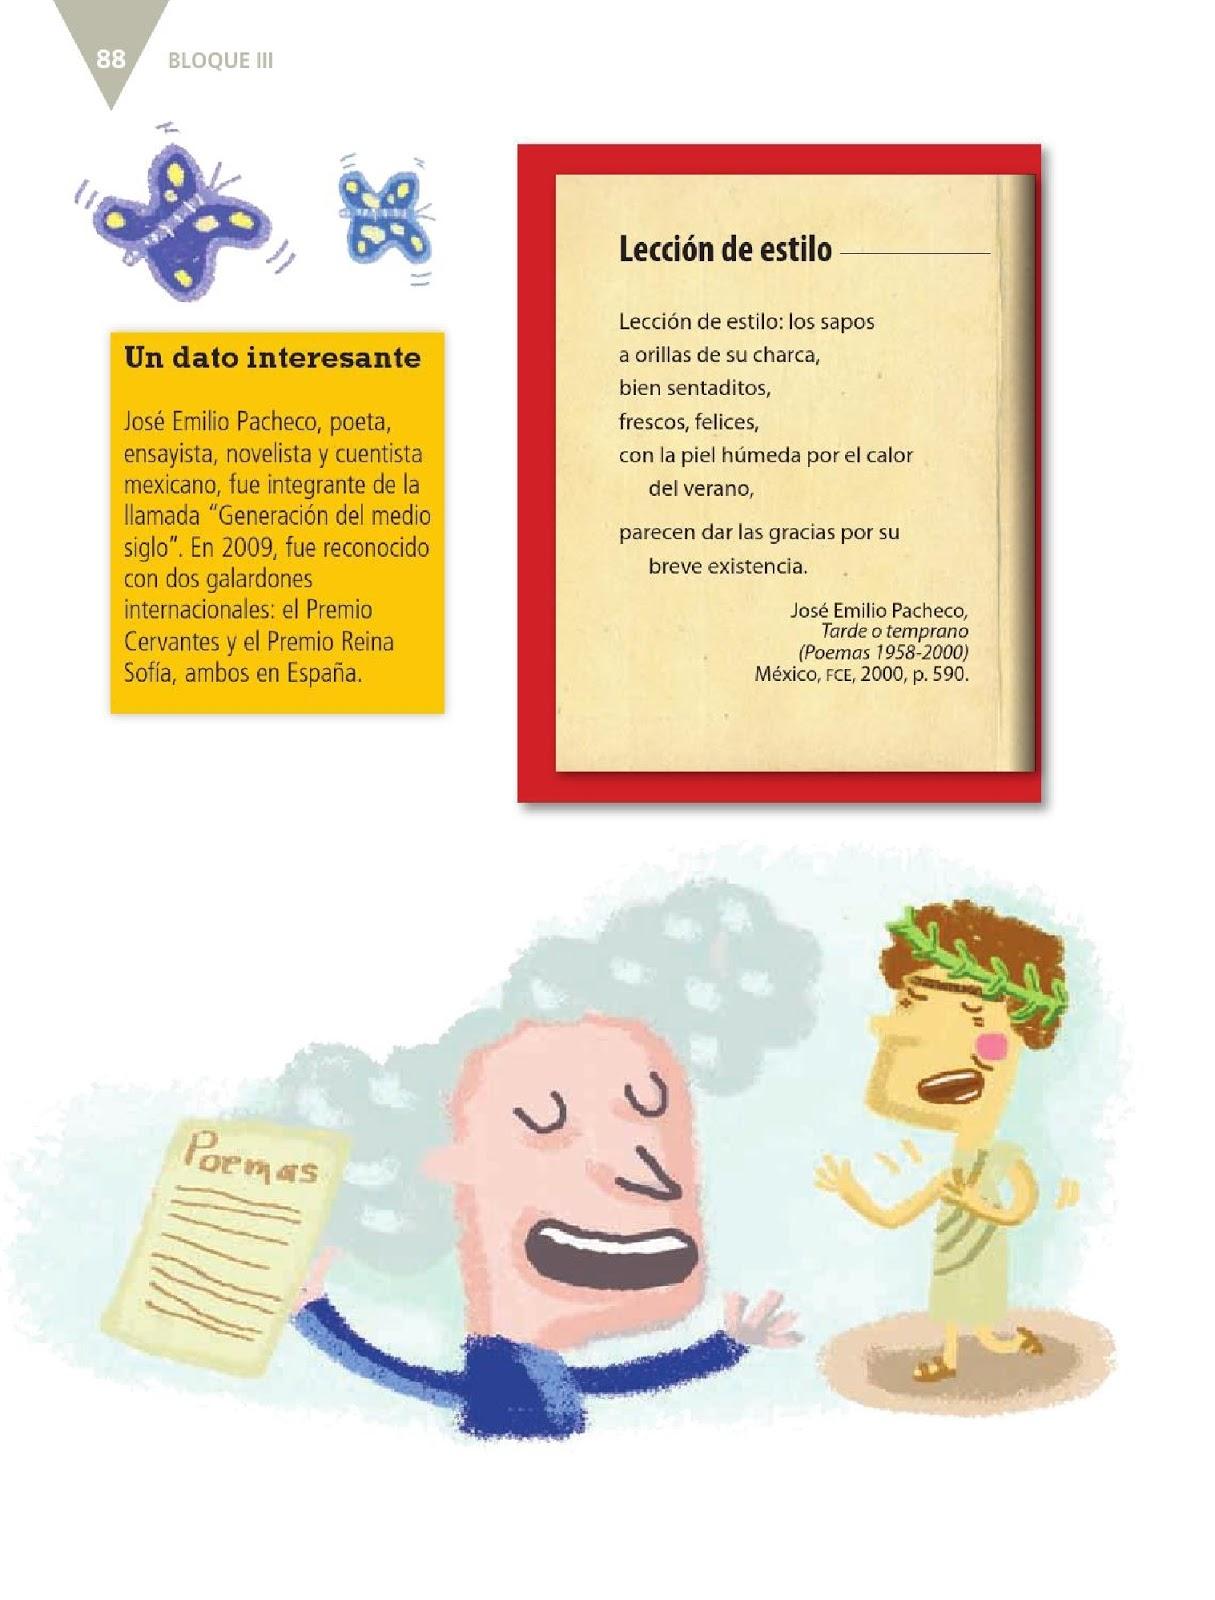 poemas de quinto grado leer poemas bloque iii lecci 243 n